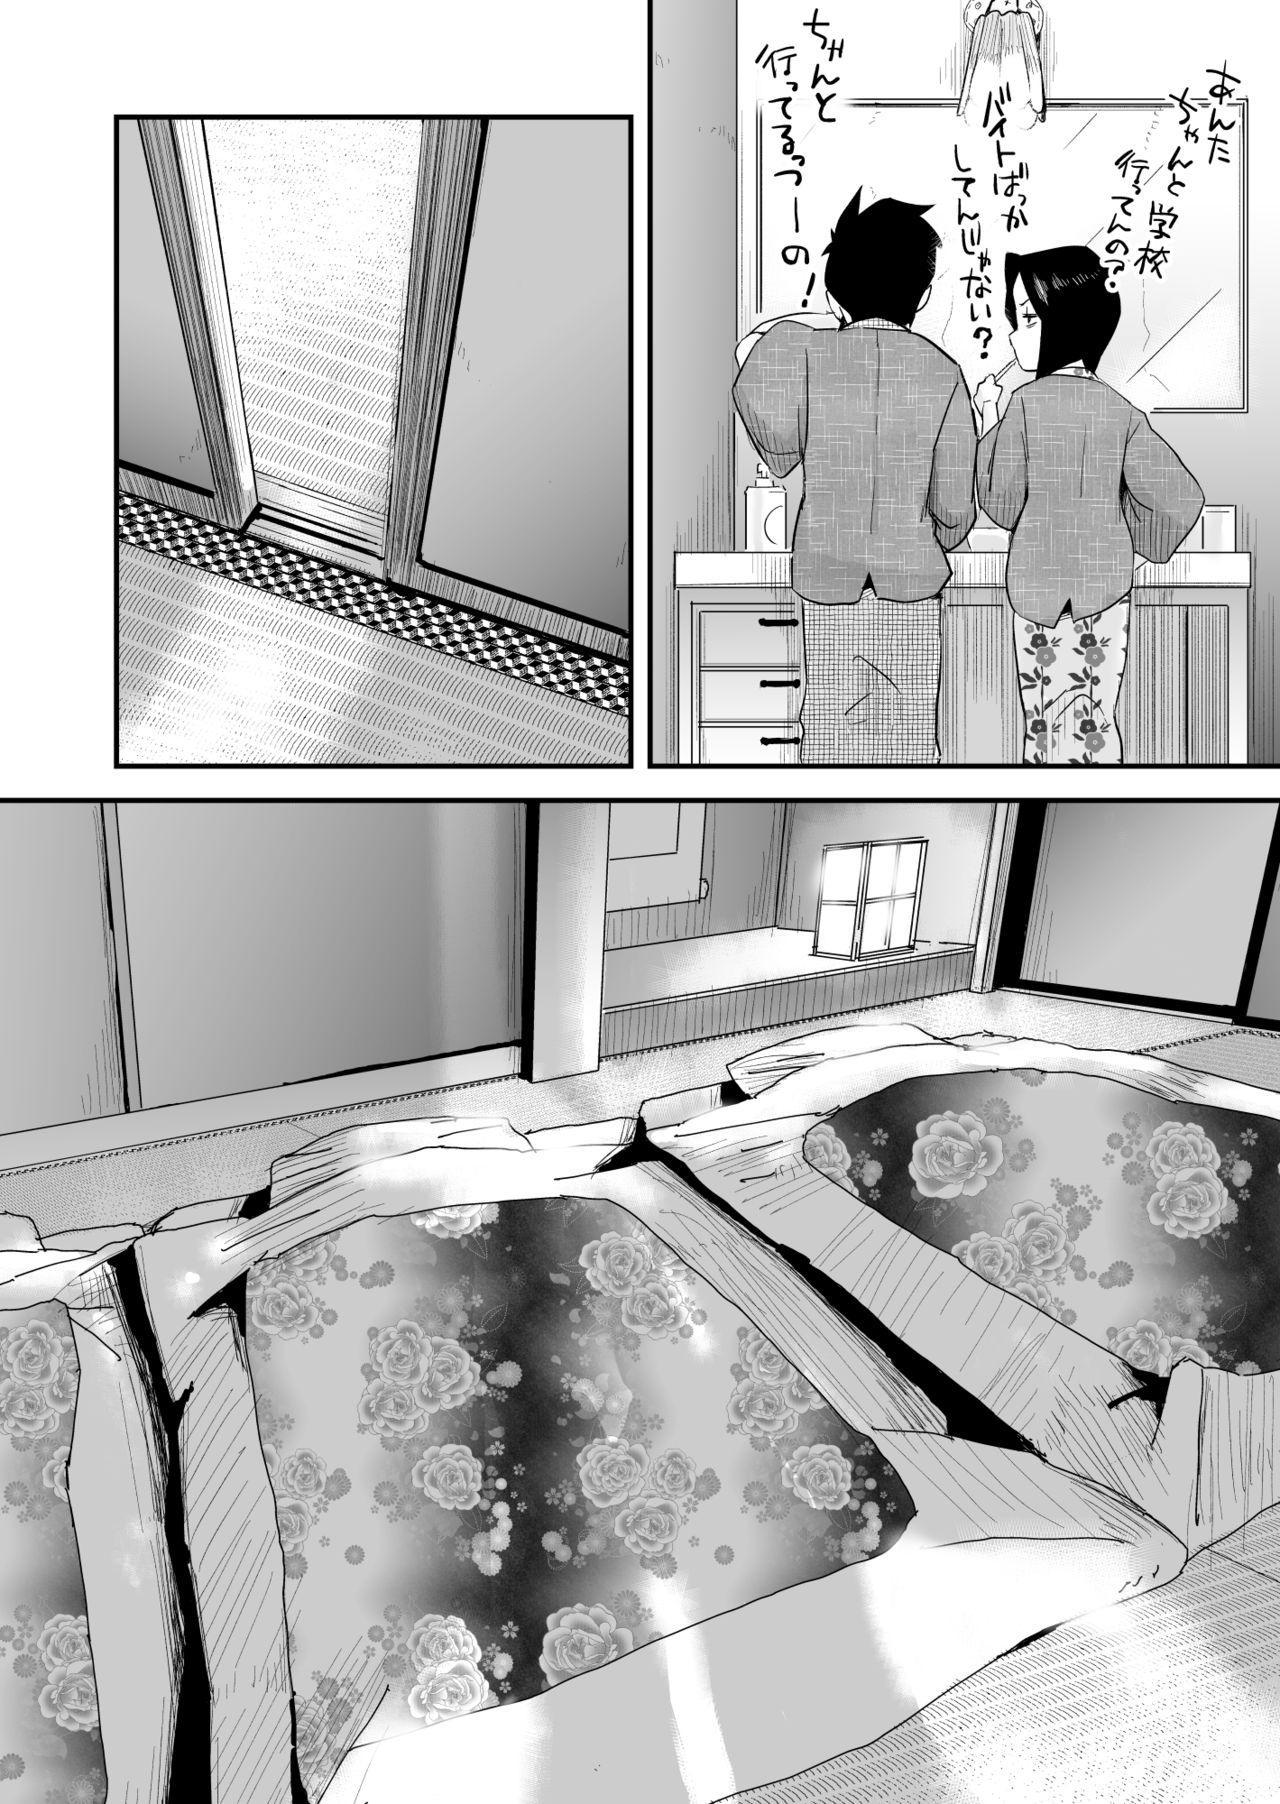 Ano! Okaa-san no Shousai 12